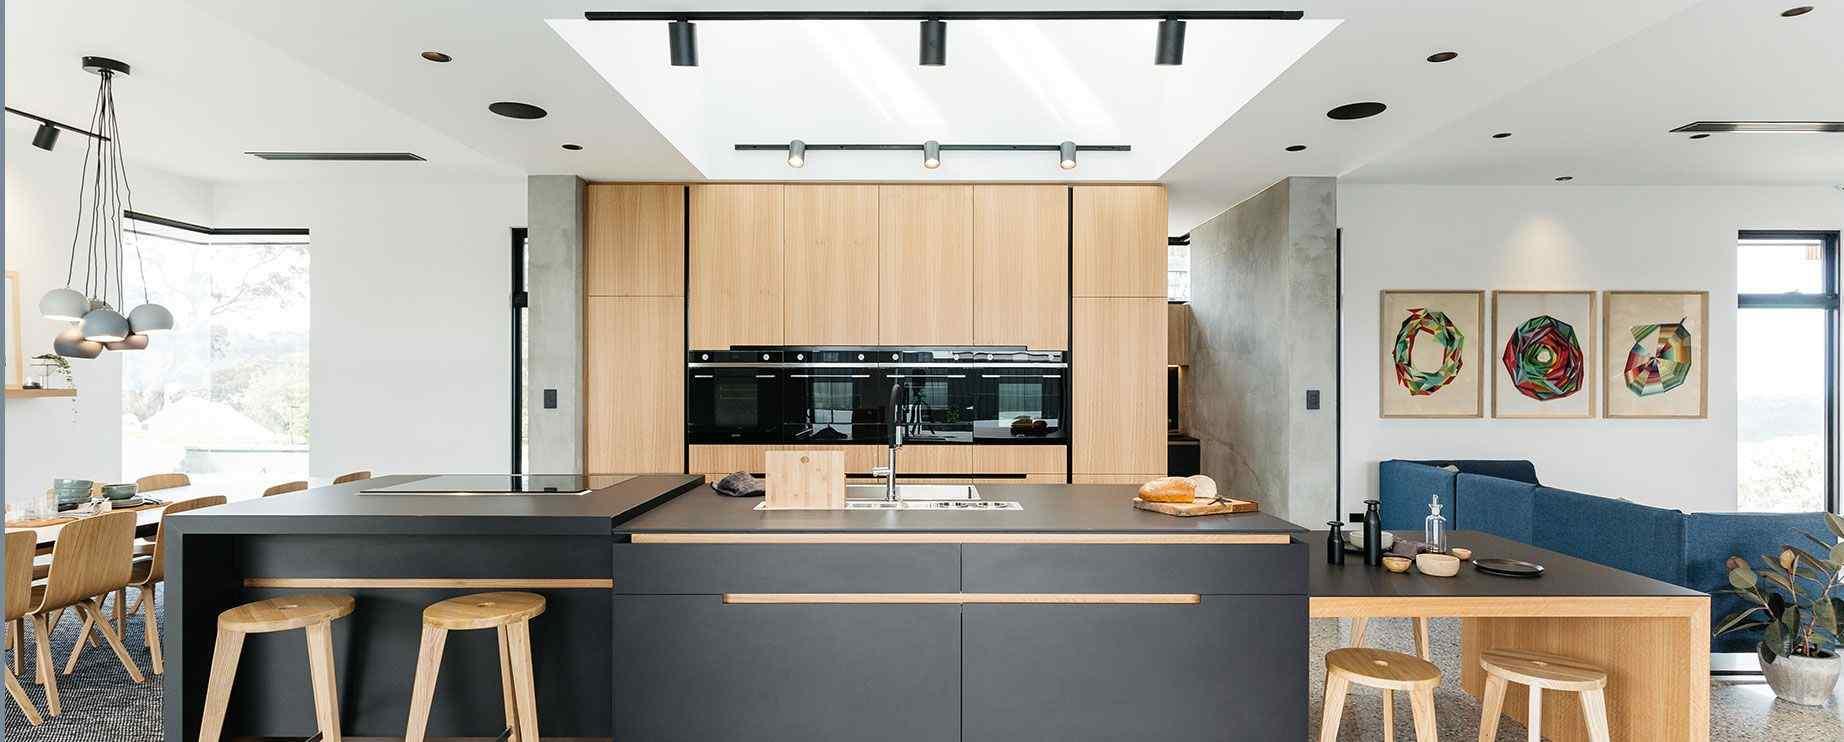 ABJ kitchens slider